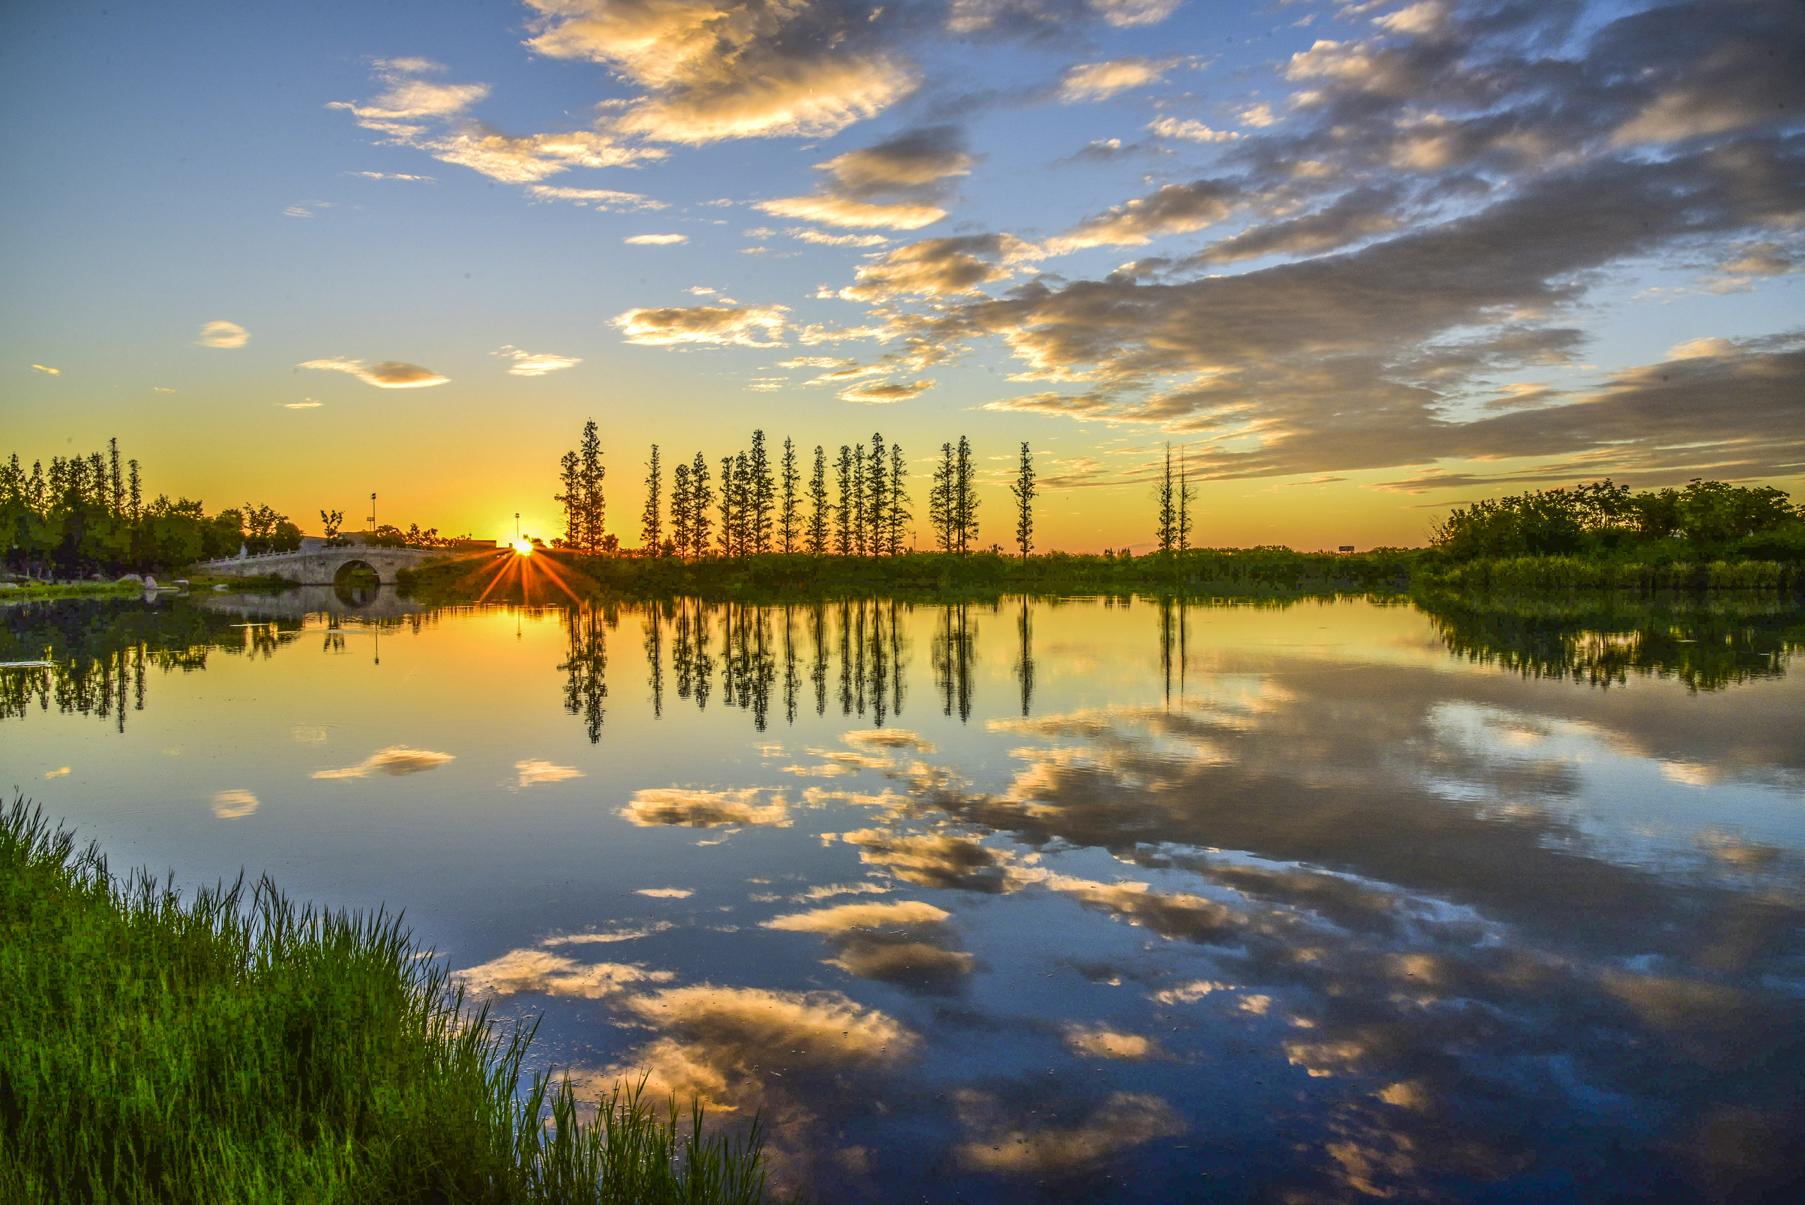 10月8日,鹃湖沸腾!万城鹃湖畔项目案名发布盛典,进入倒计时!